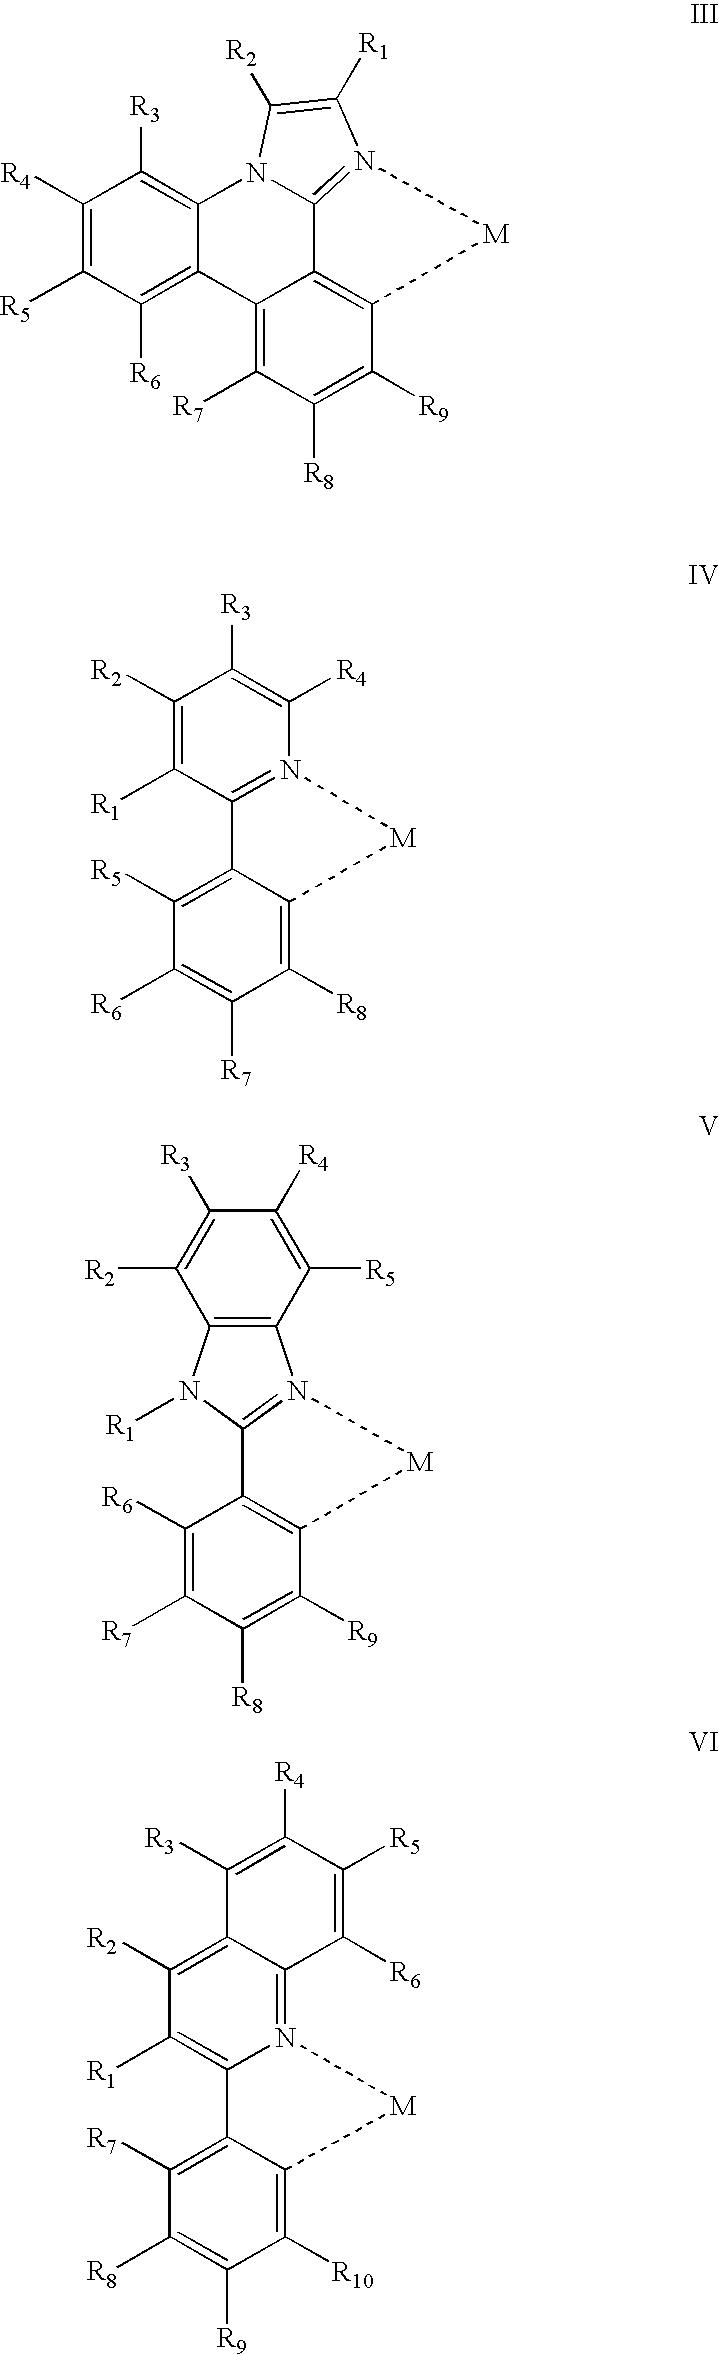 Figure US20100270916A1-20101028-C00159